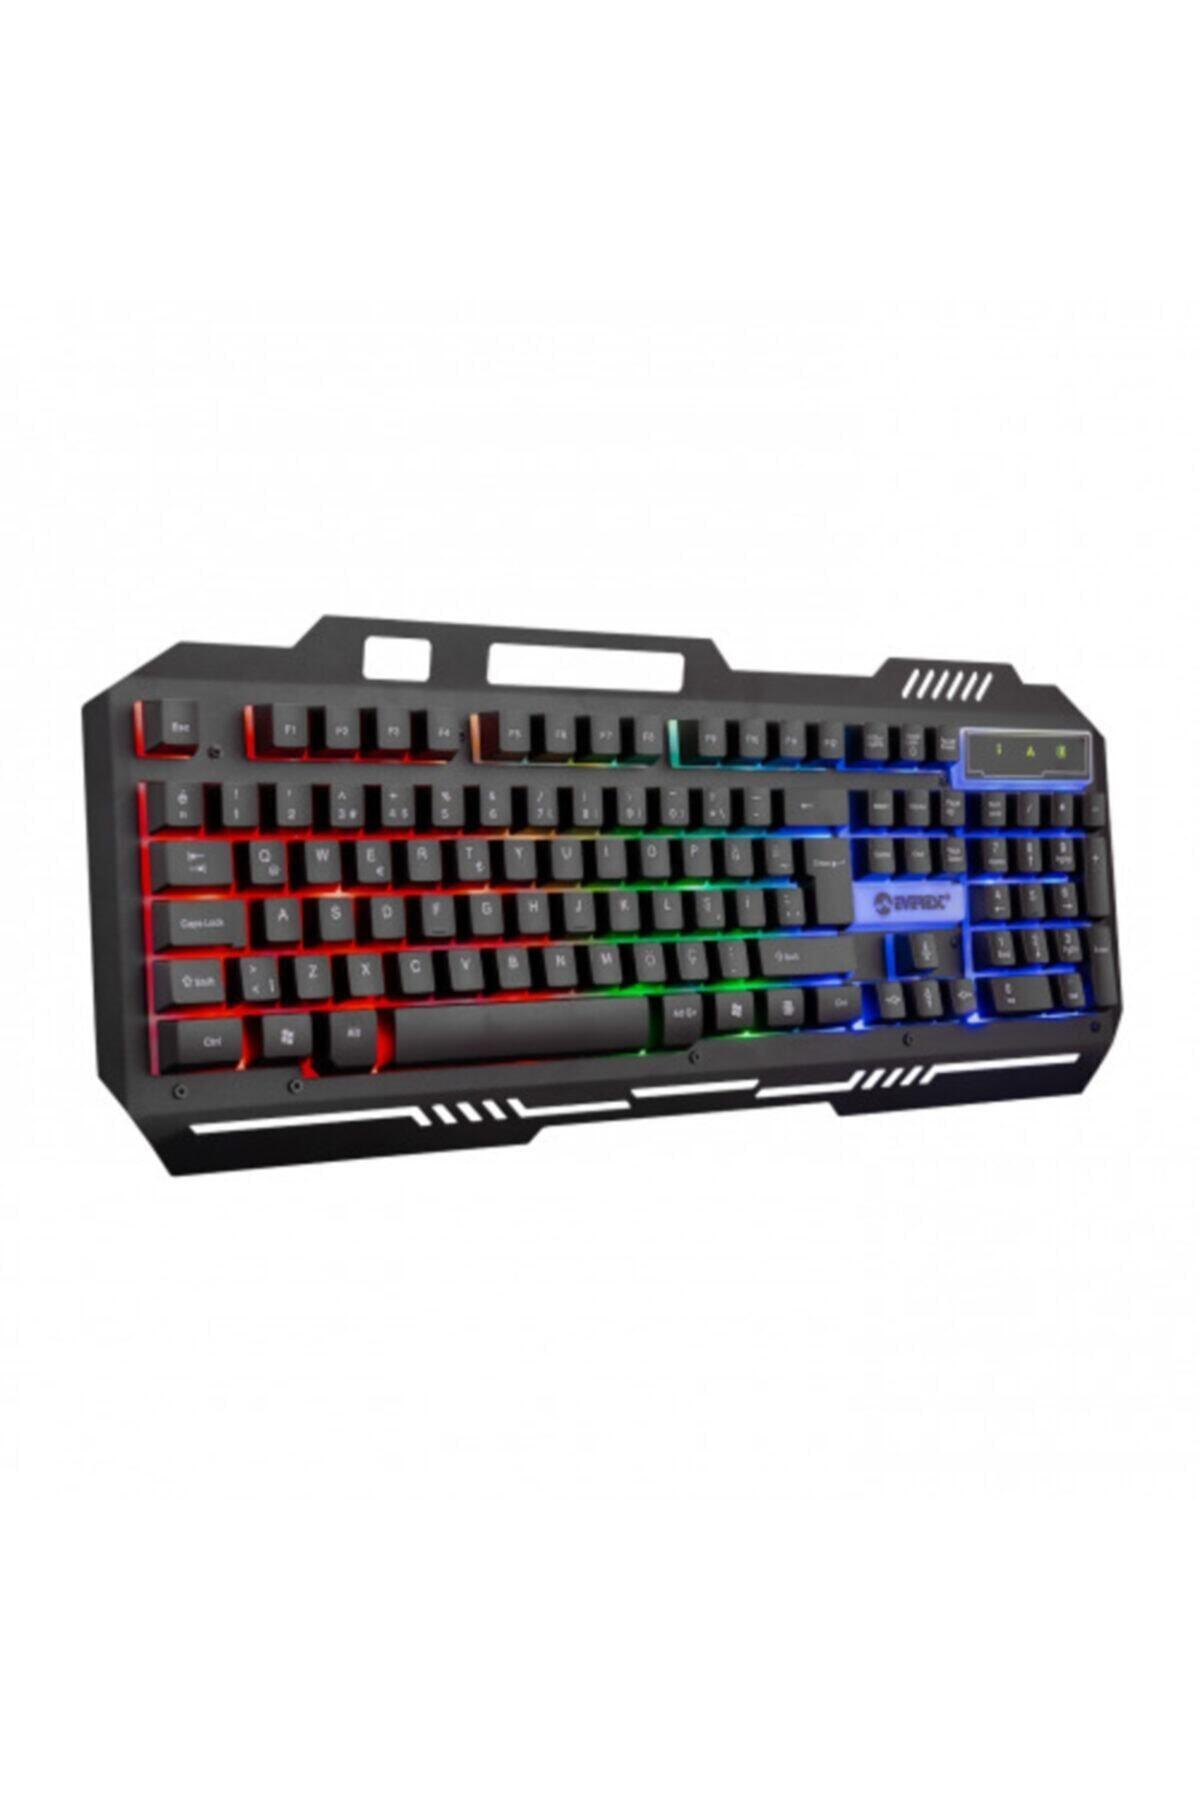 Everest Km-g88 X-drıfter Gaming Gökkuşağı Aydınlatmalı Usb Klavye Mouse Set 2